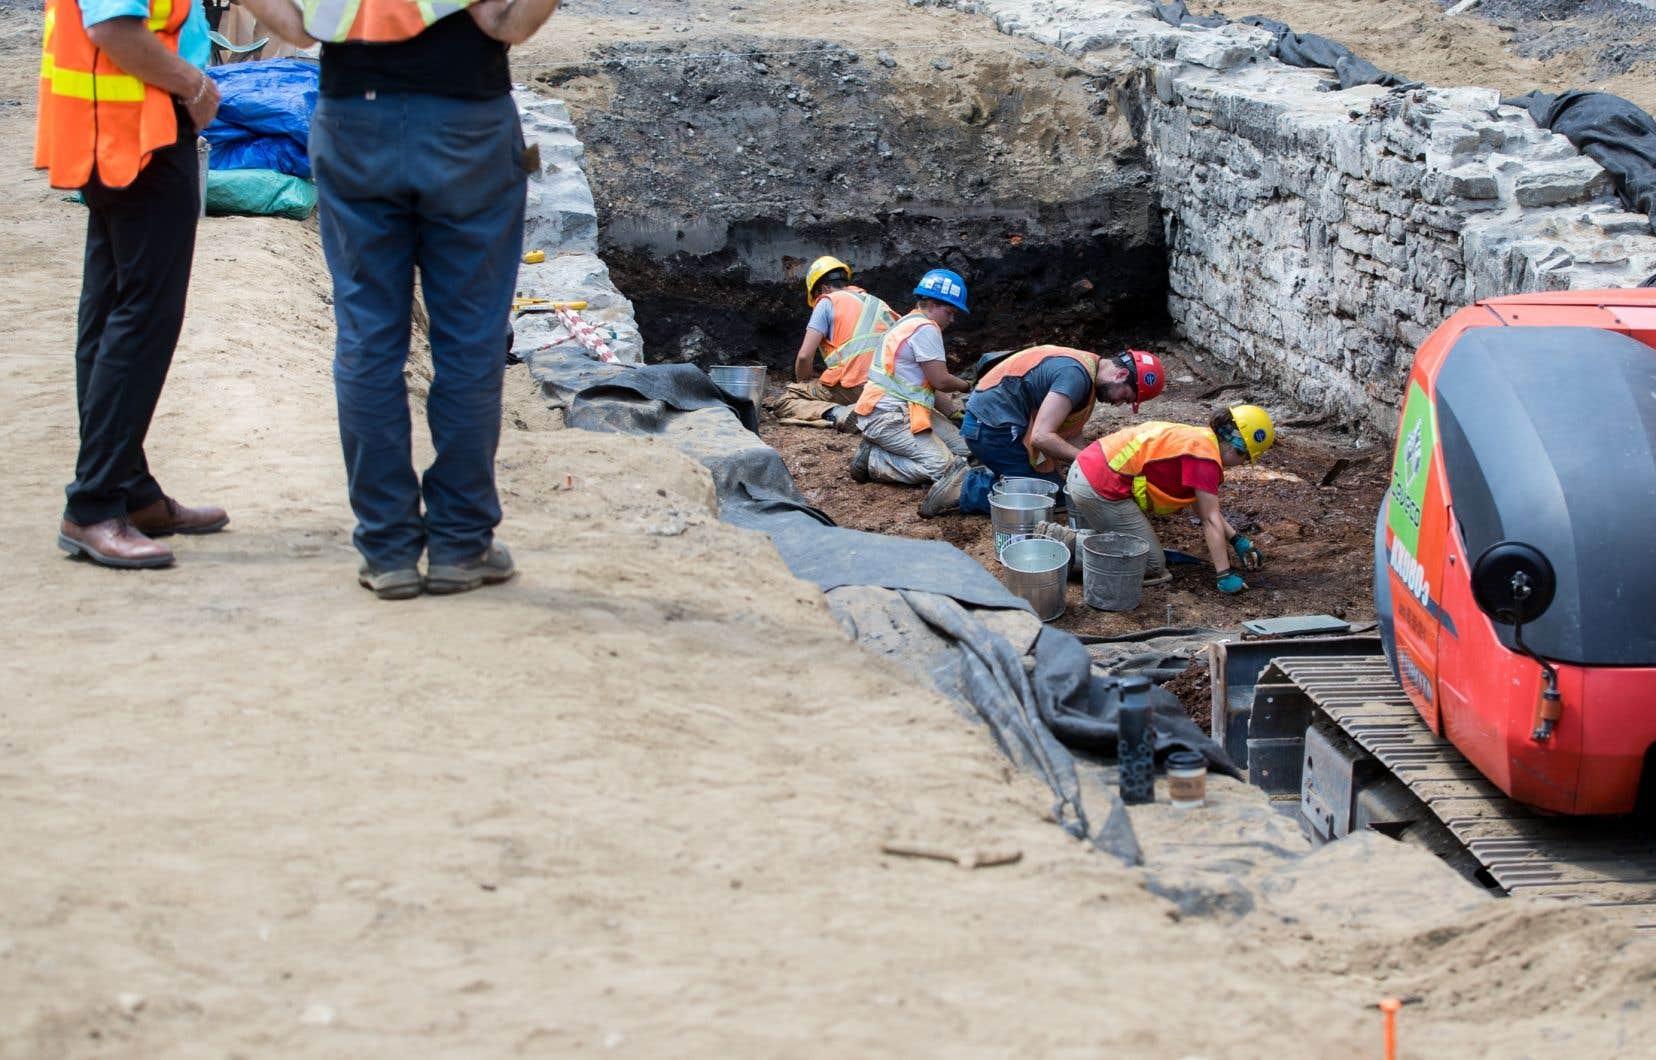 Des entrevues avec une douzaine d'archéologues des deux «clans» ont permis de déterrer d'autres cas qui soulèvent des problèmes.